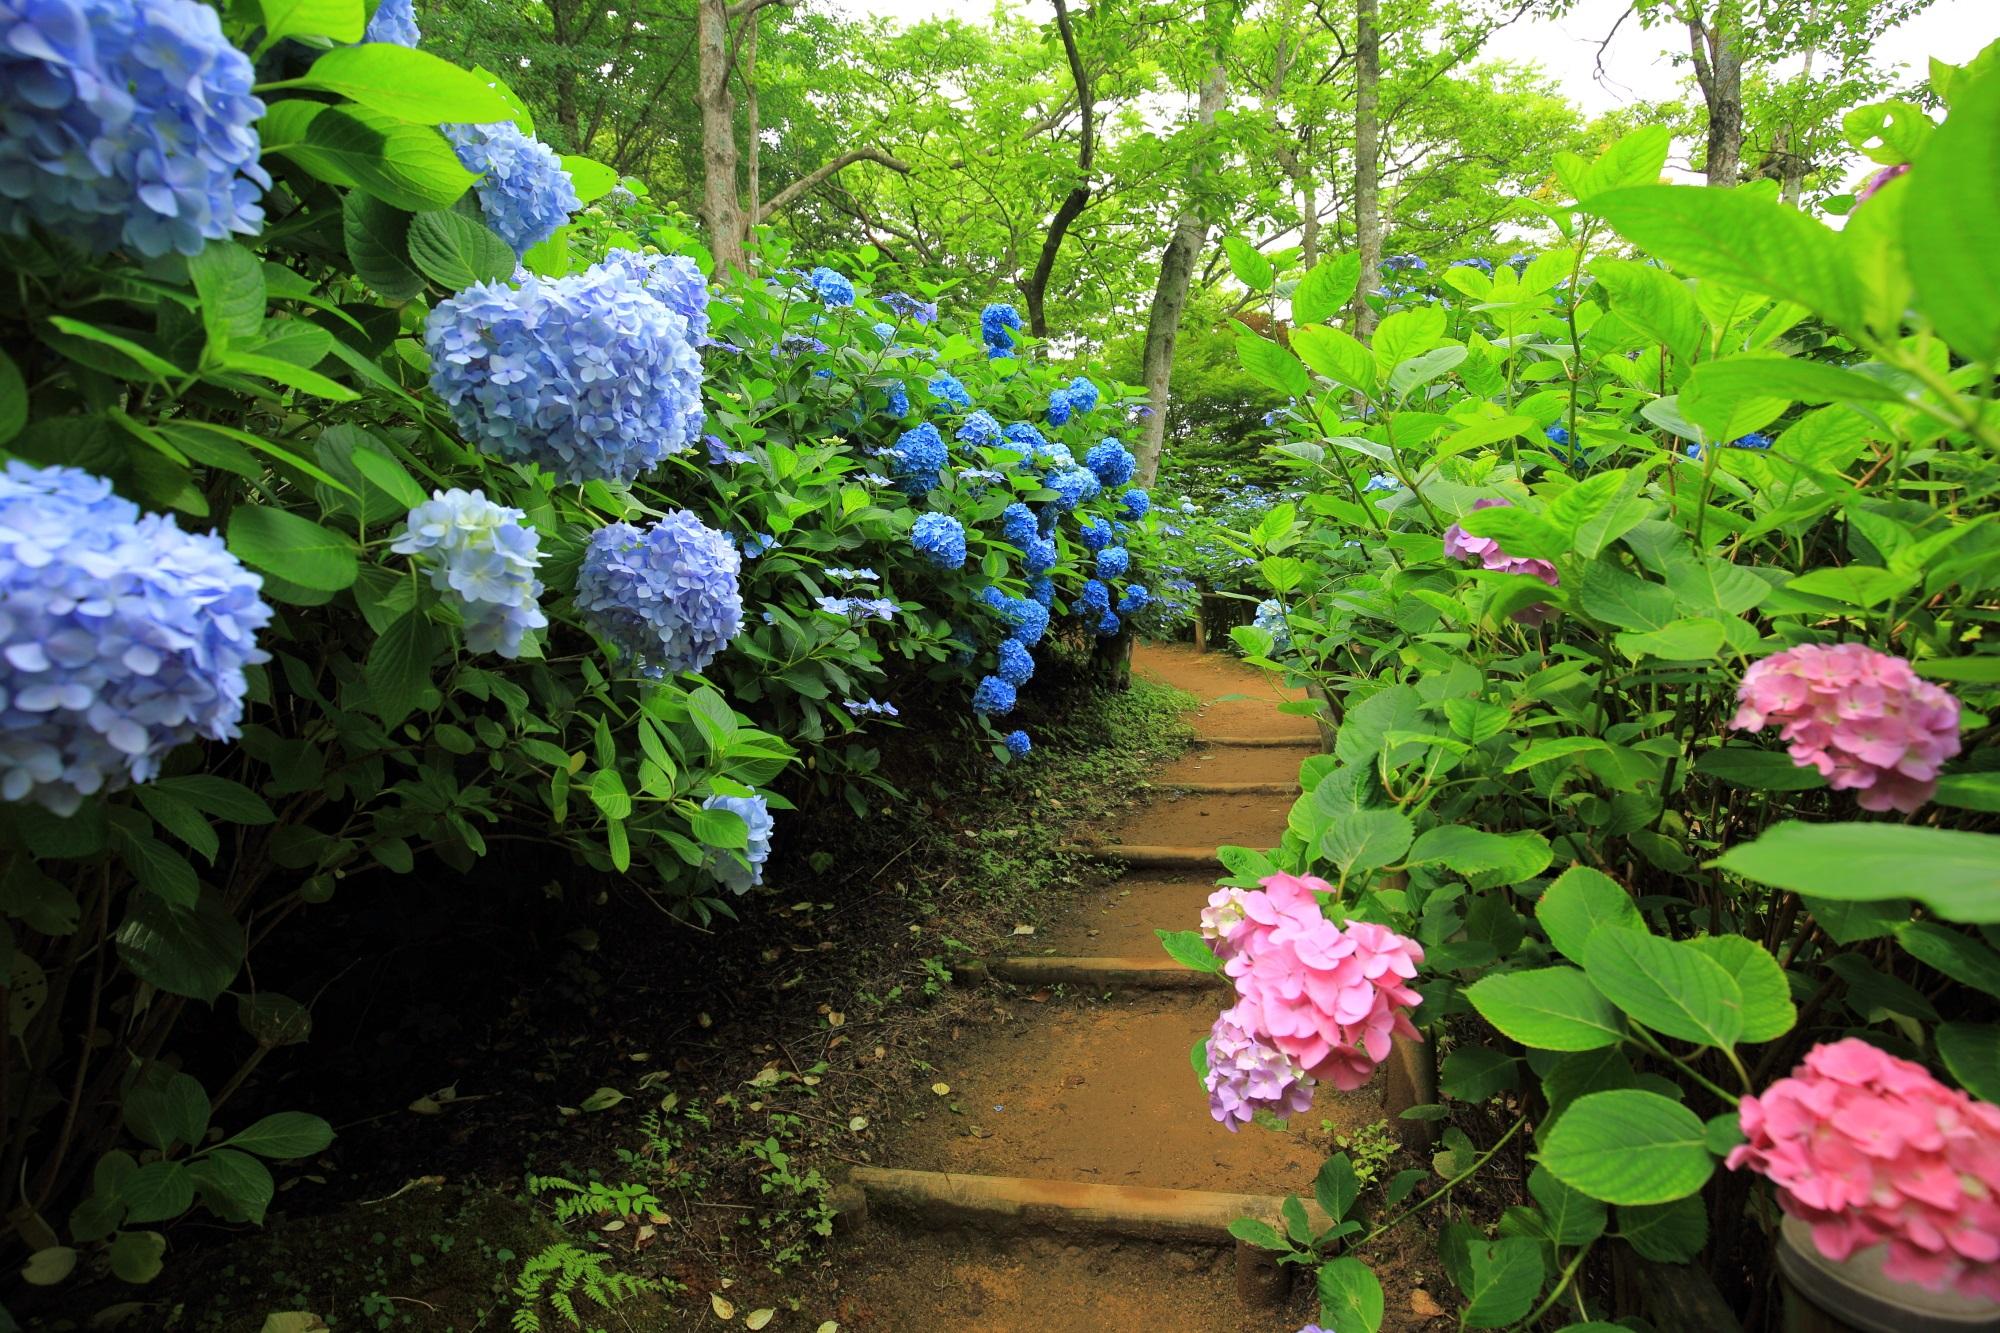 舞鶴自然文化園の緑と彩りにつつまれた紫陽花の小道